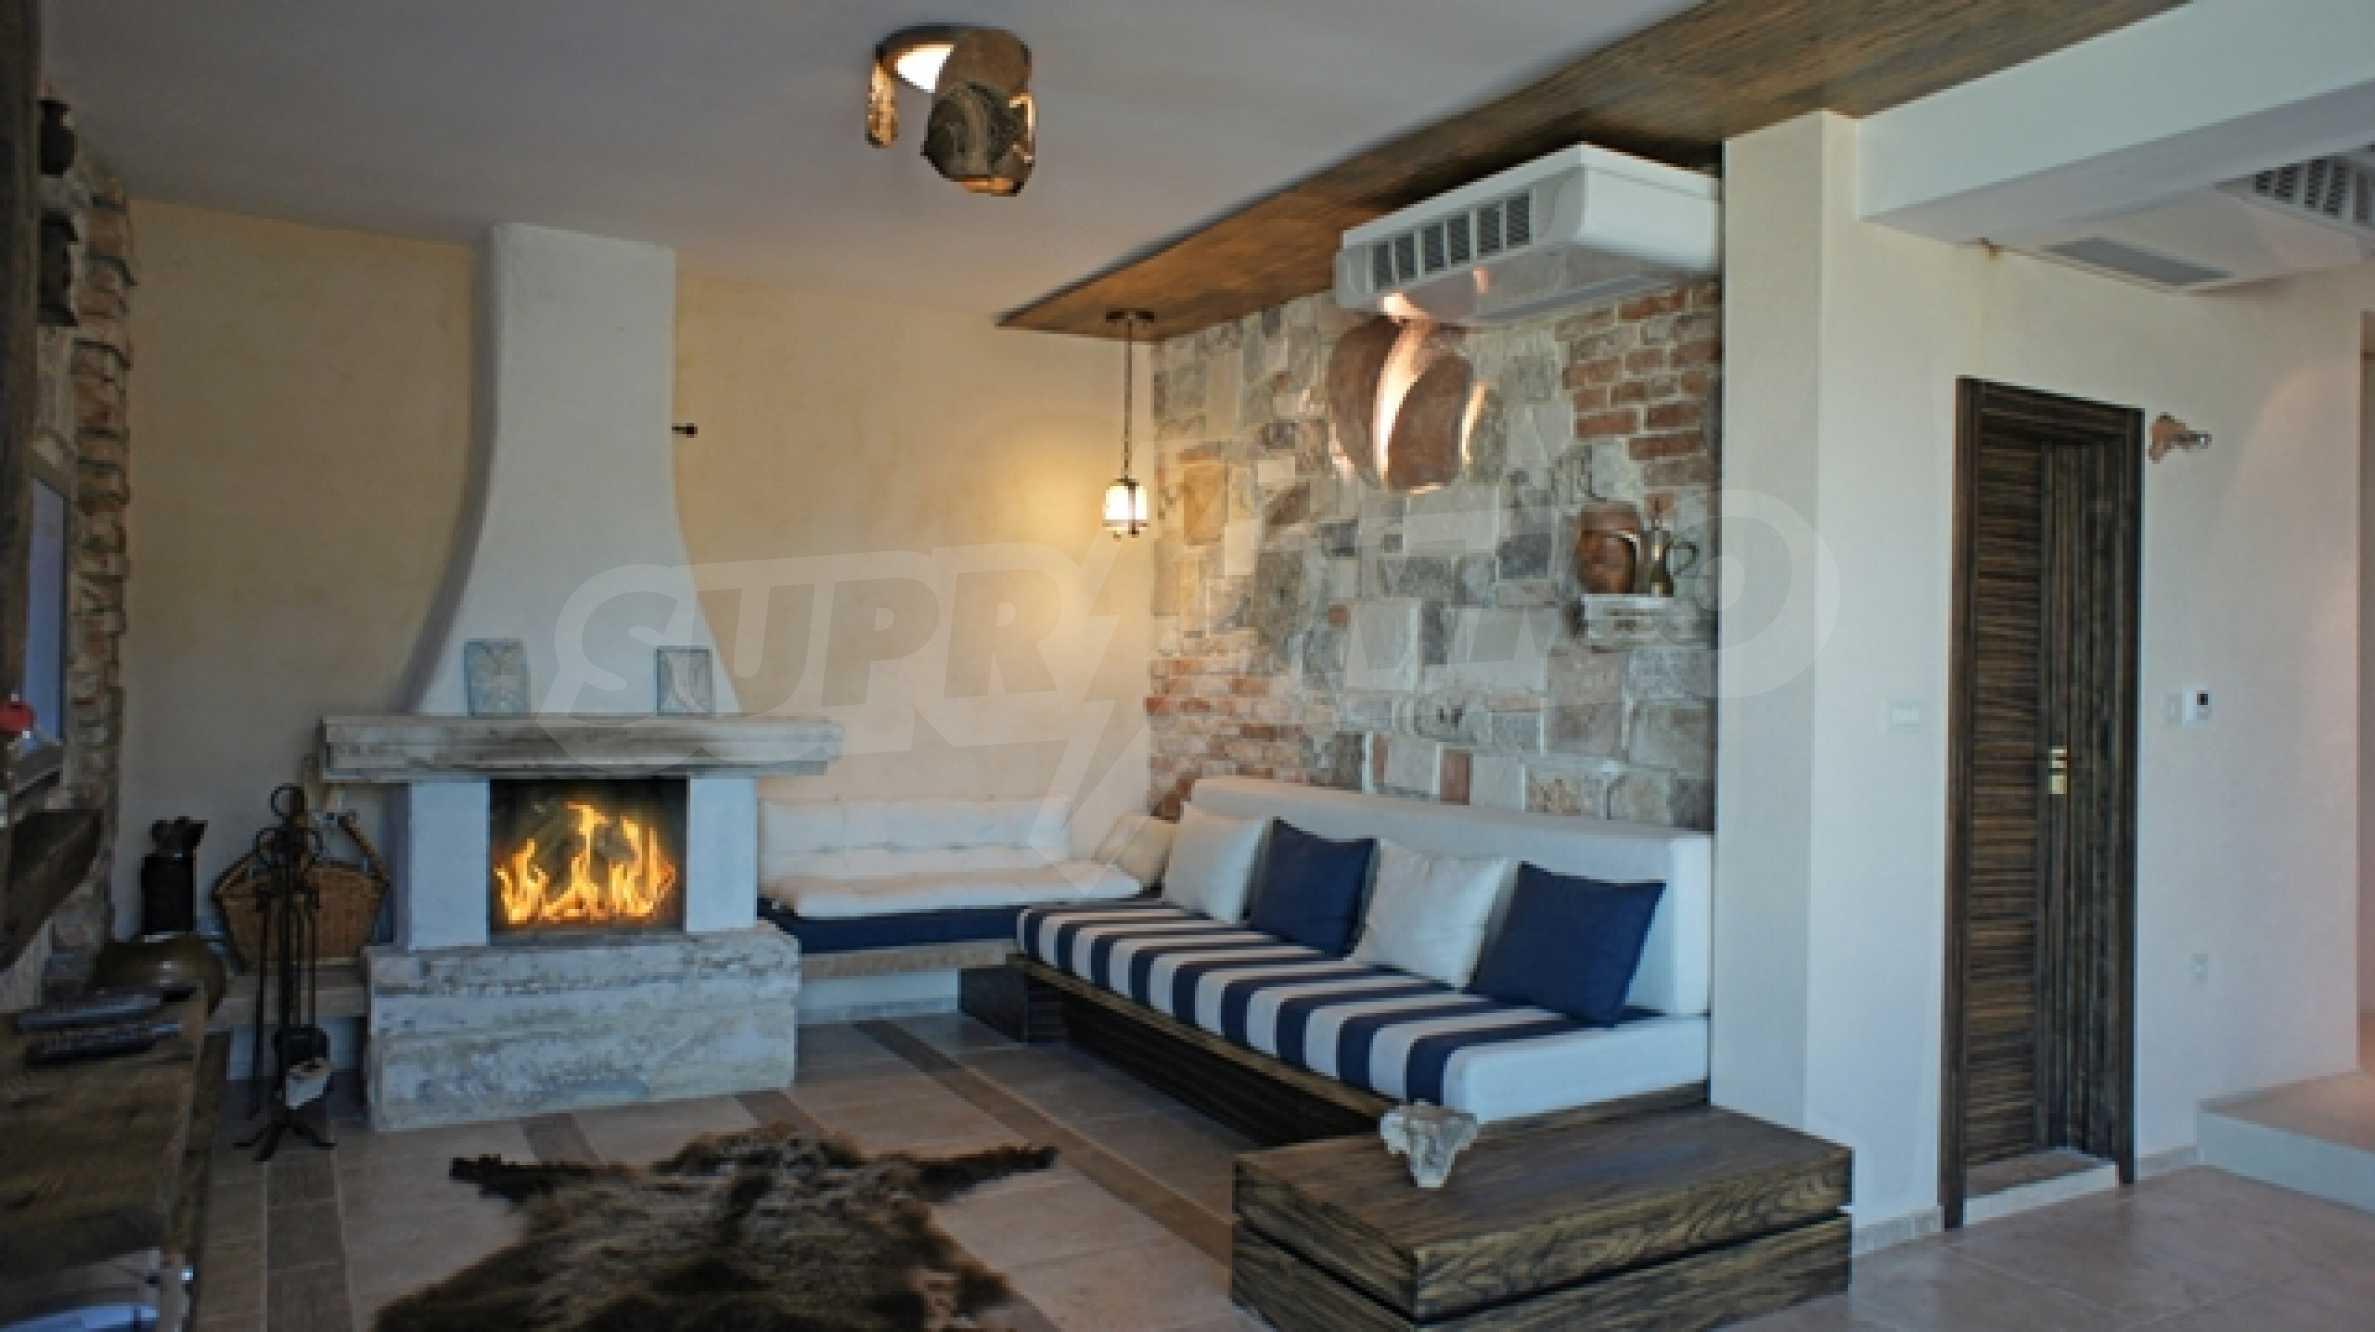 Mediterraner Stil - Luxus zum Sonderpreis 30